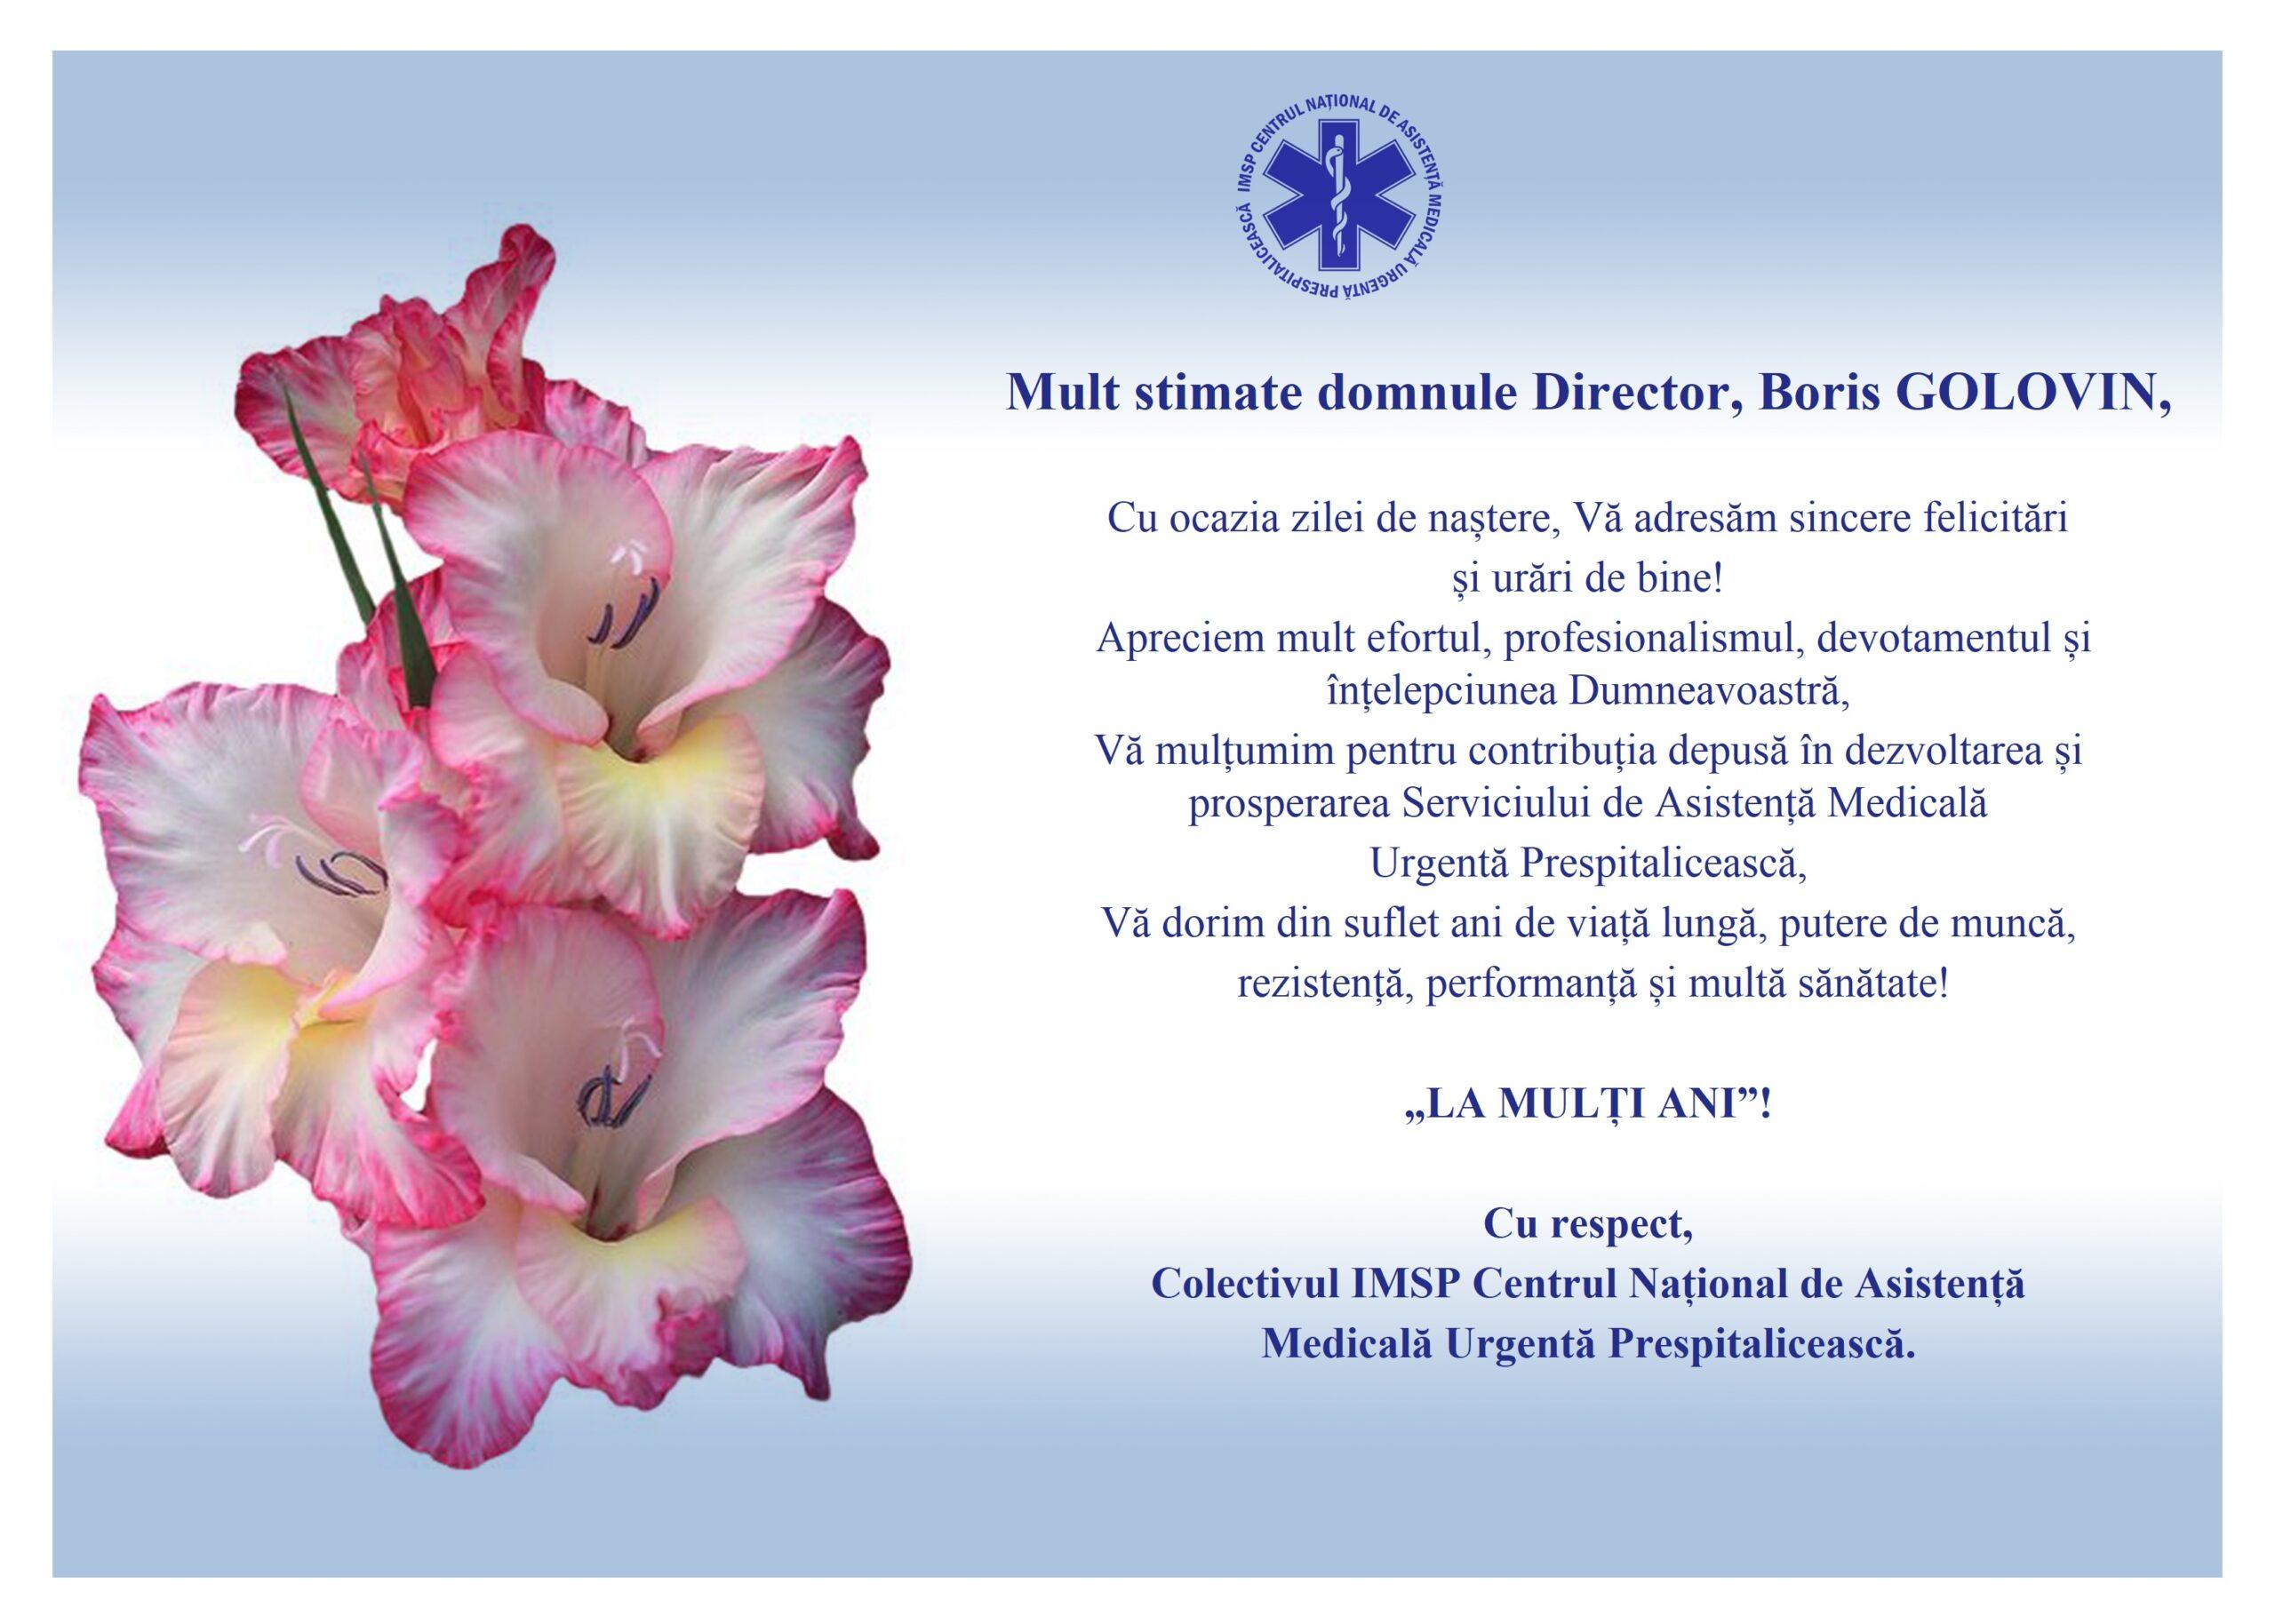 Felicitare domnului Director, Boris GOLOVIN din partea colectivului IMSP CNAMUP